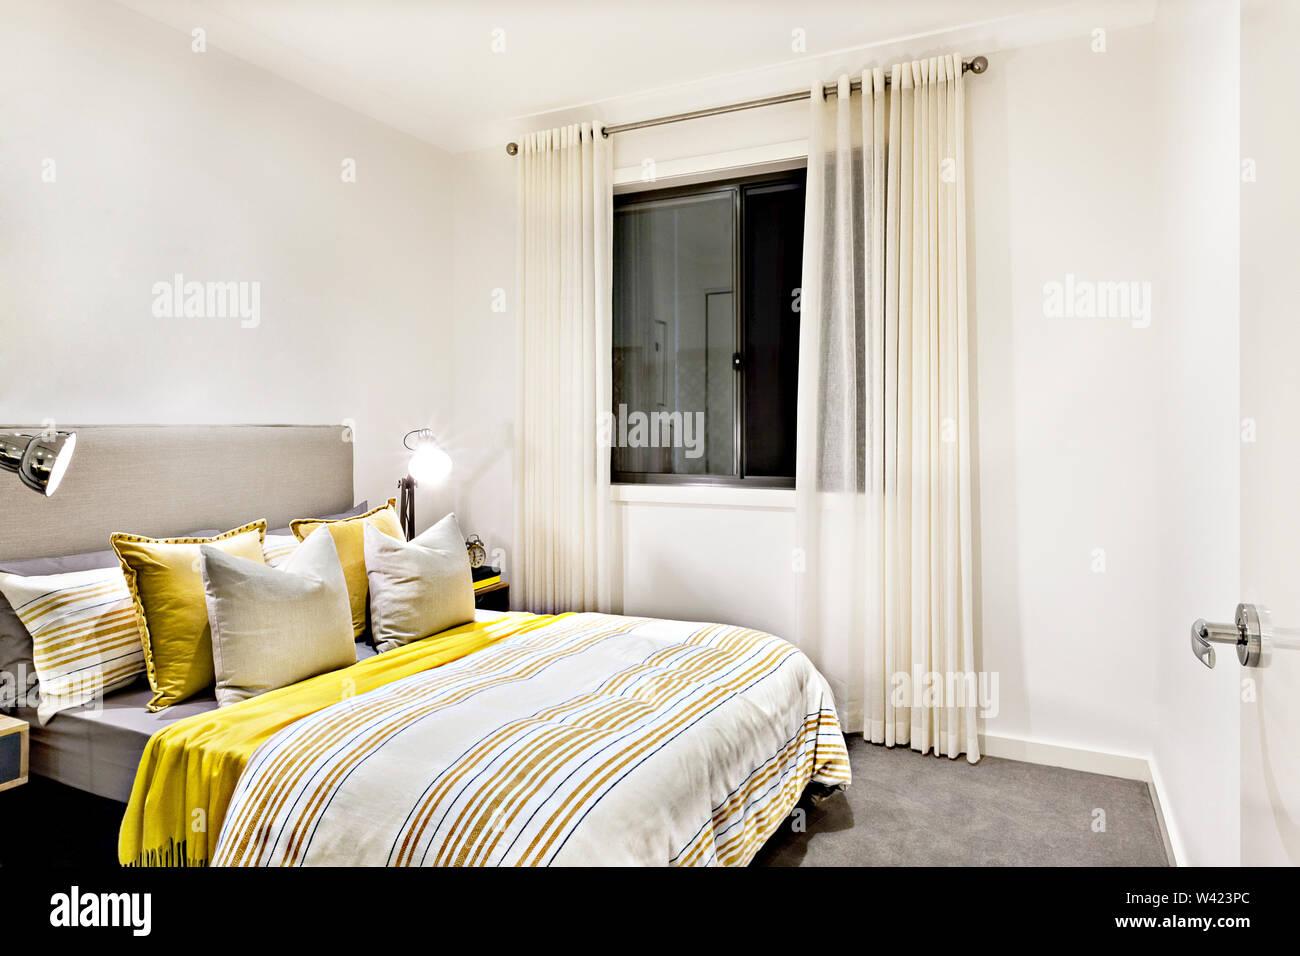 Camera Classic di una casa moderna con lampade da tavolo su avanti per i cuscini e il letto con piumino, vi è una finestra di vetro nera coperta con una tenda Immagini Stock